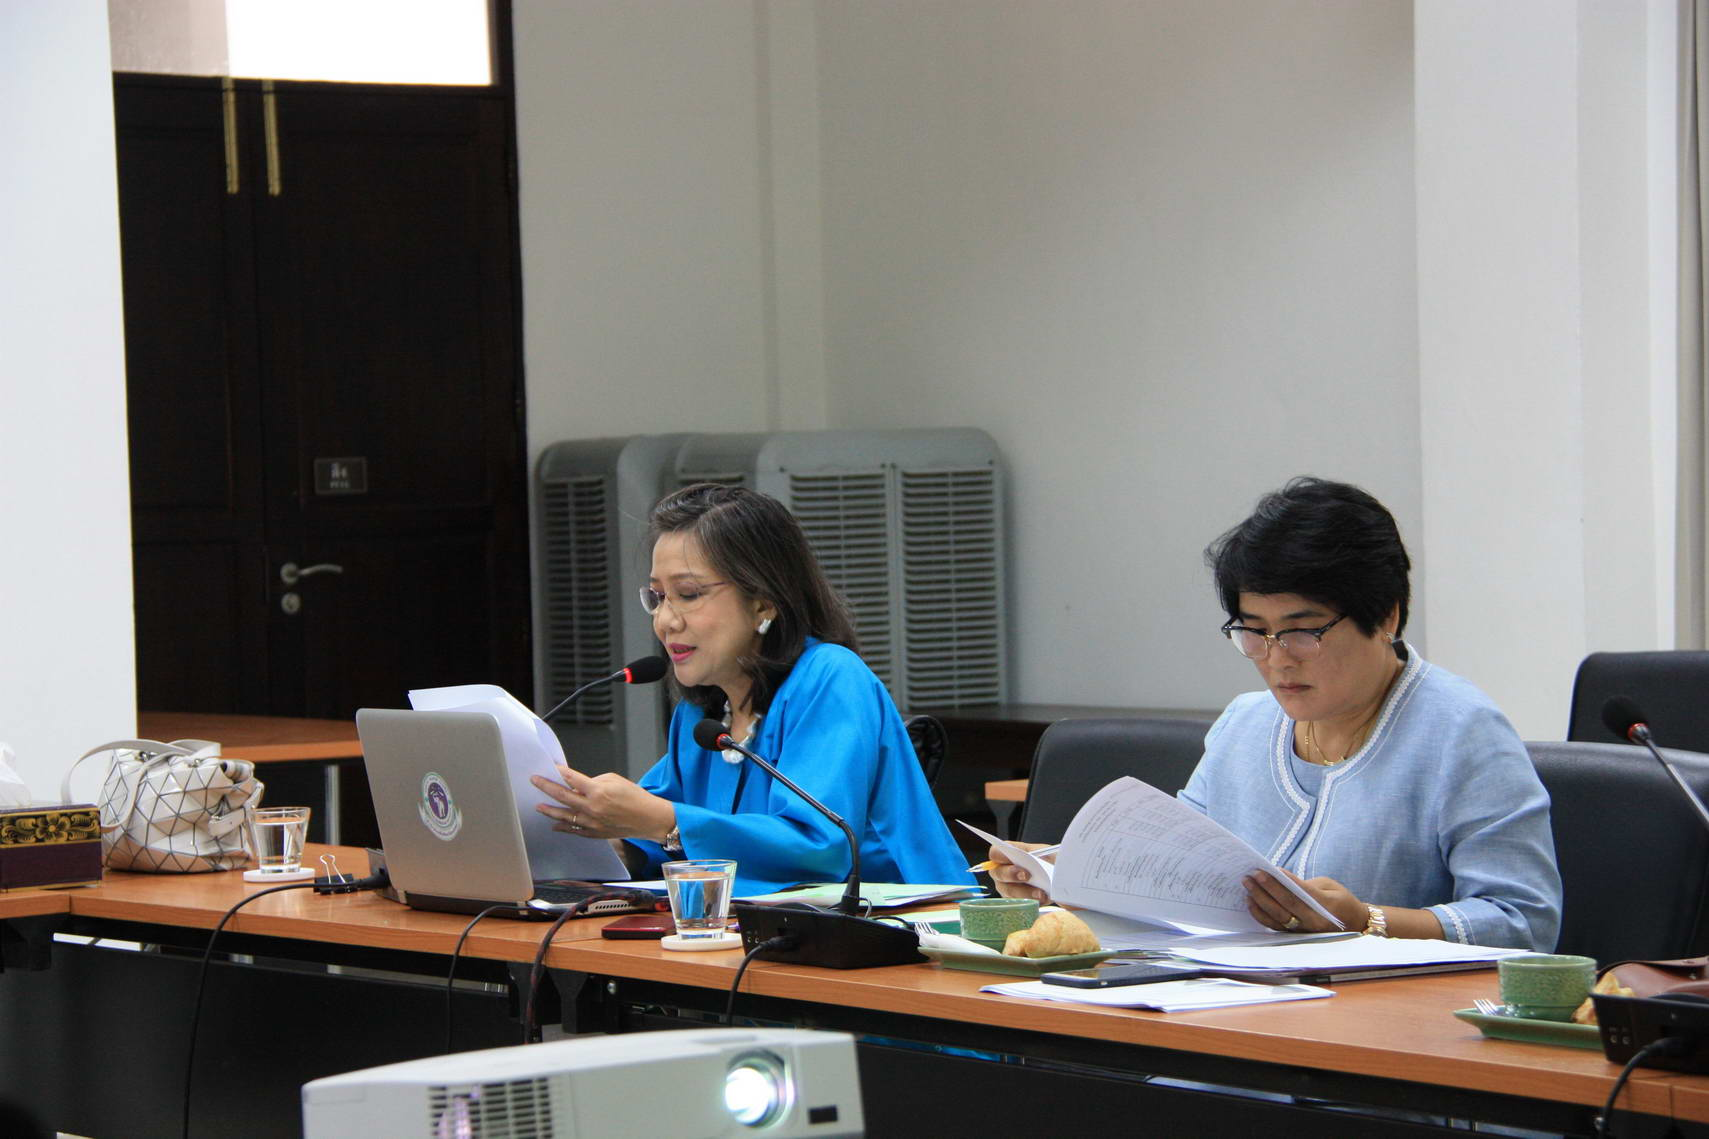 การประชุมคณะกรรมการอำนวยการประจำสำนักส่งเสริมศิลปวัฒนธรรม ครั้งที่ 2/2560